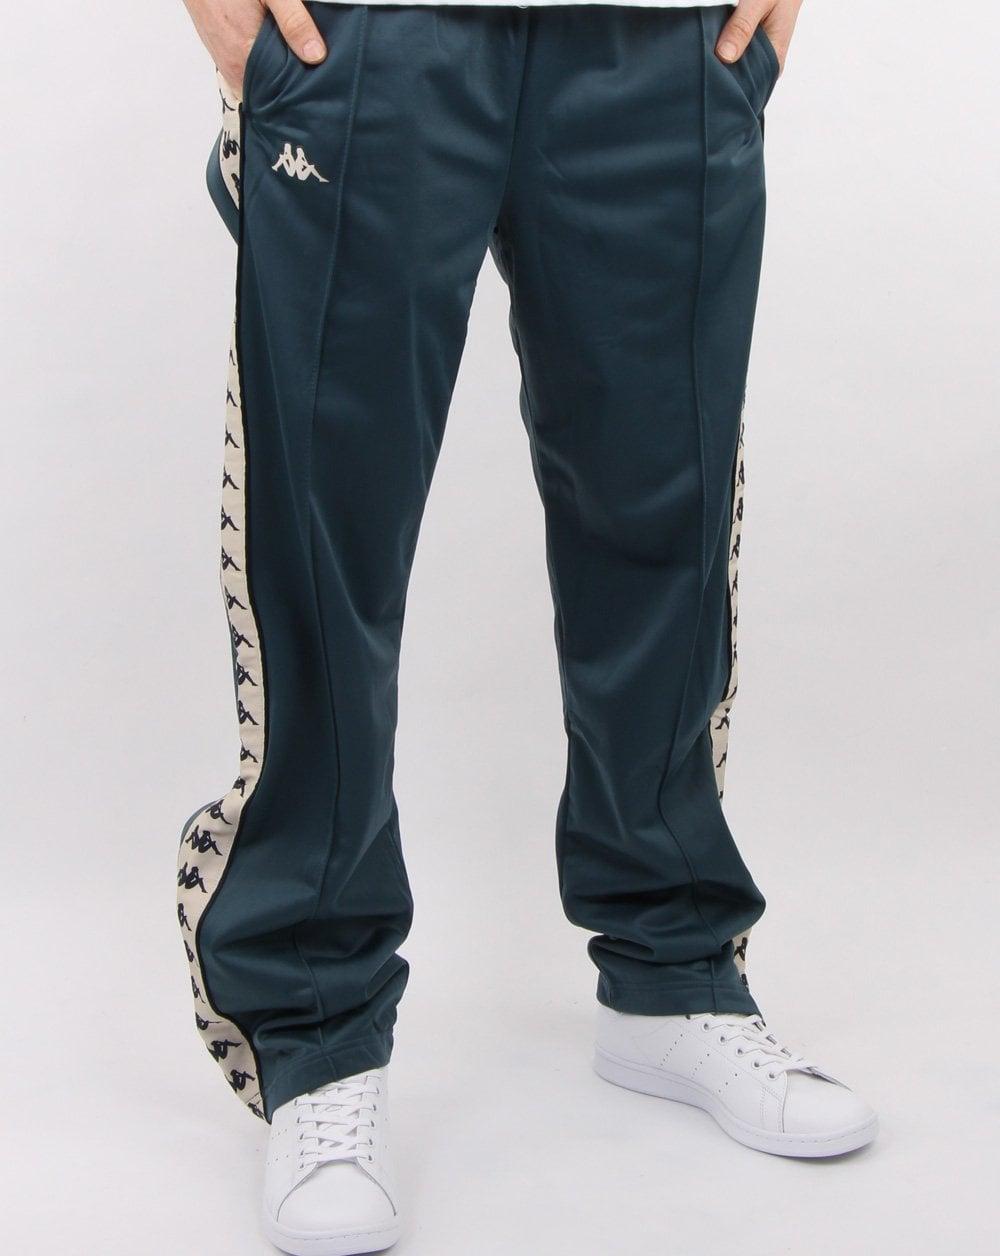 Kappa Astoria Snap Pants